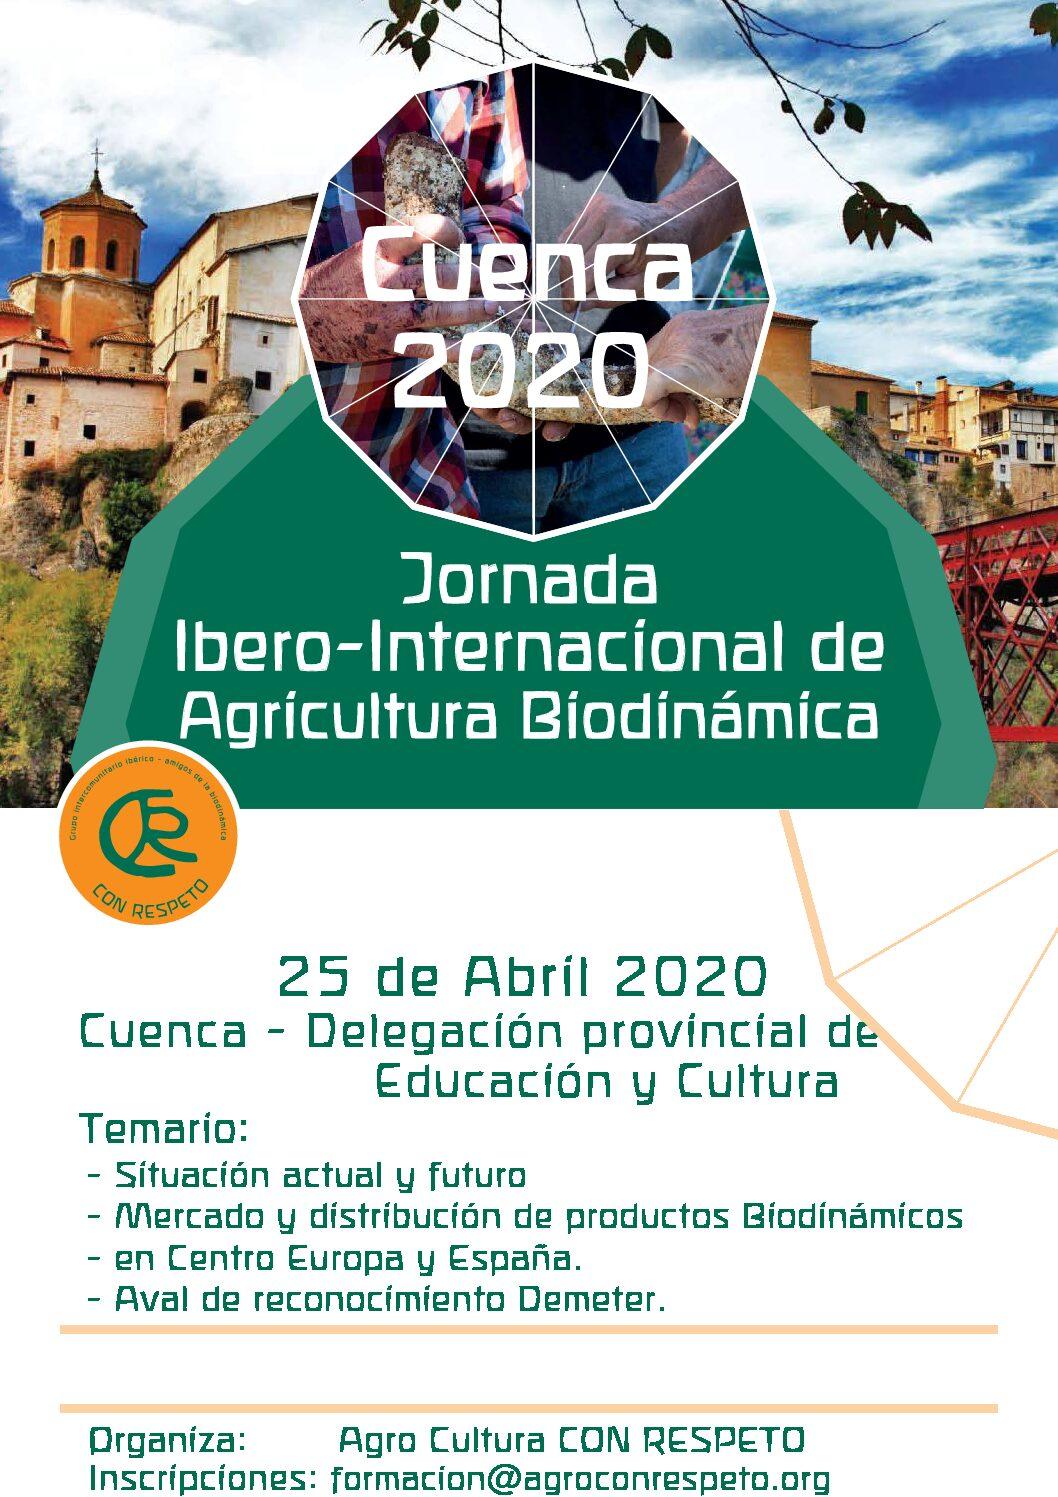 Jornada Ibero Internacional Agricultura Biodinámica